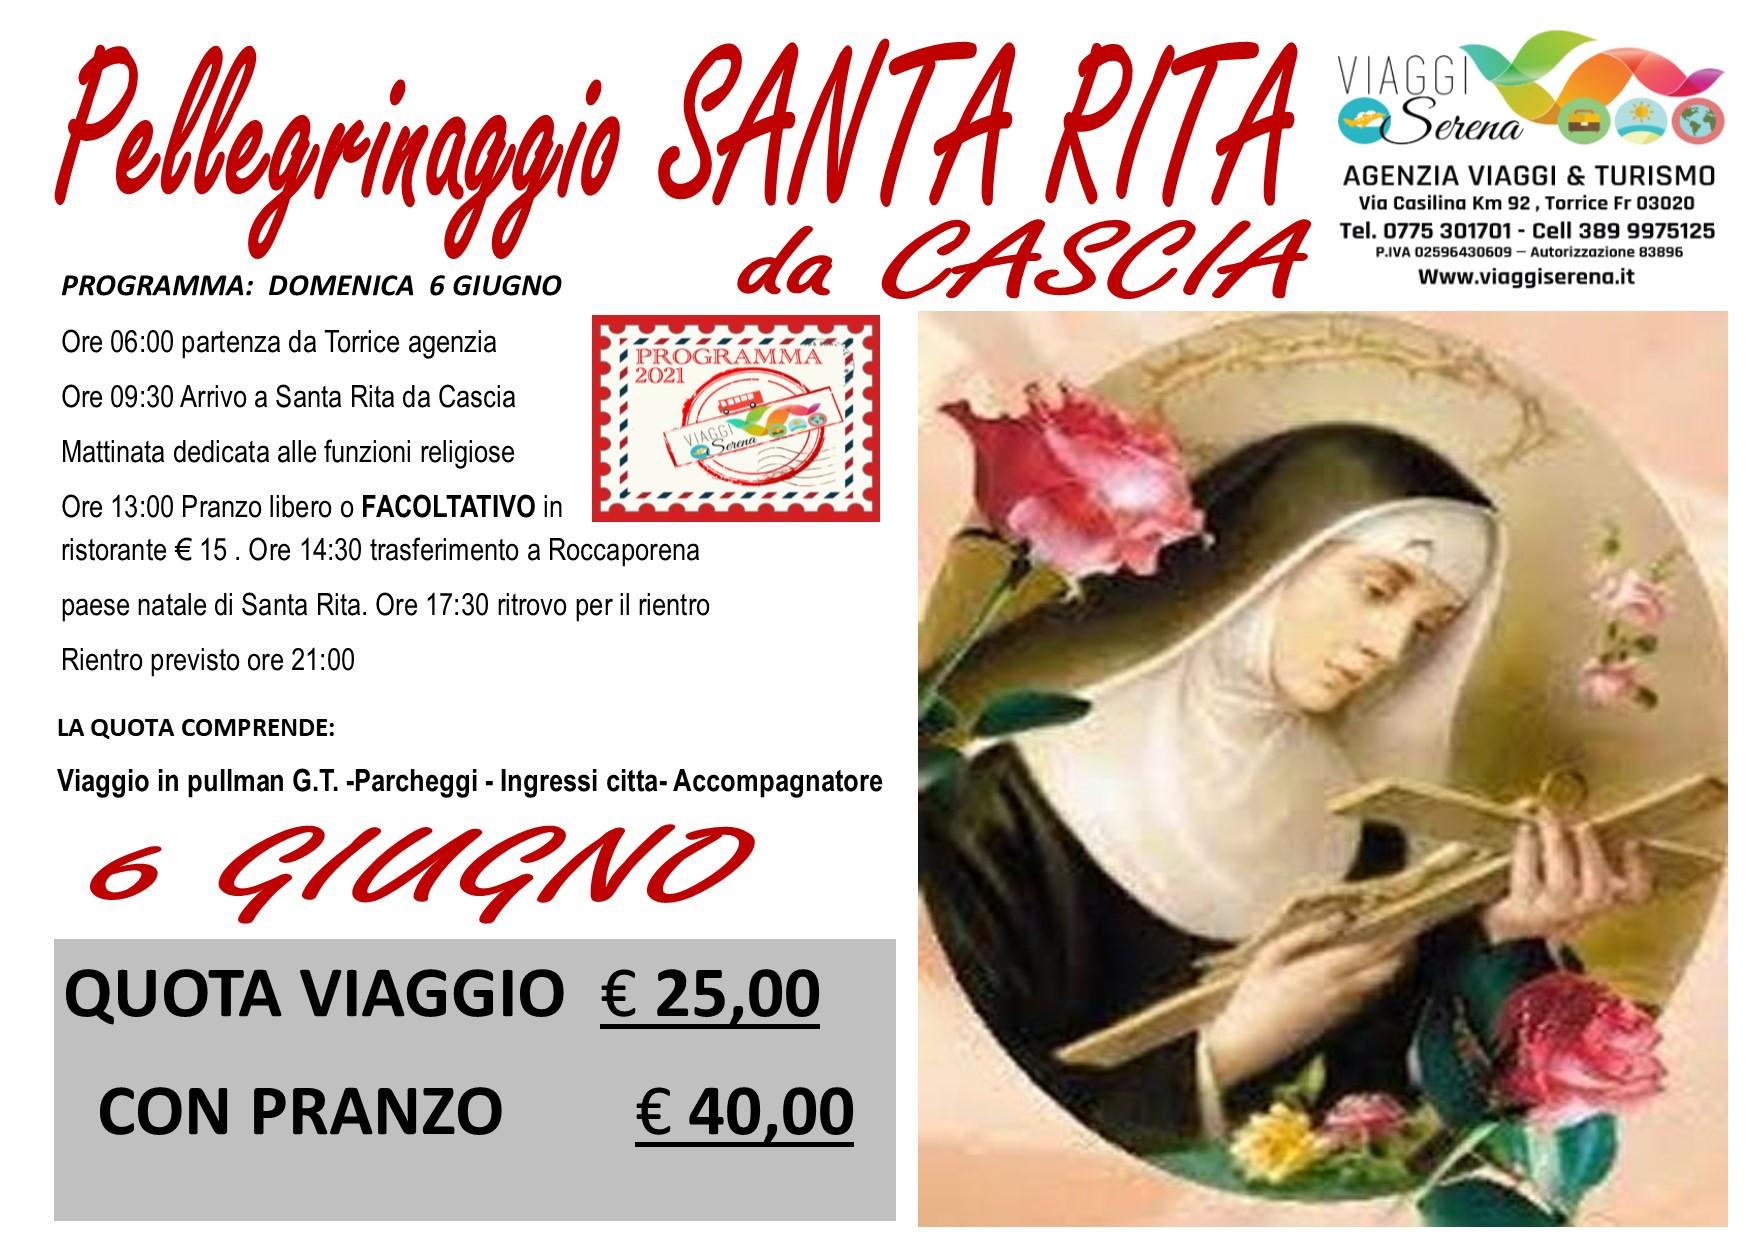 Viaggi di Gruppo: pellegrinaggio Santa Rita da Cascia 6 Giugno € 25,00